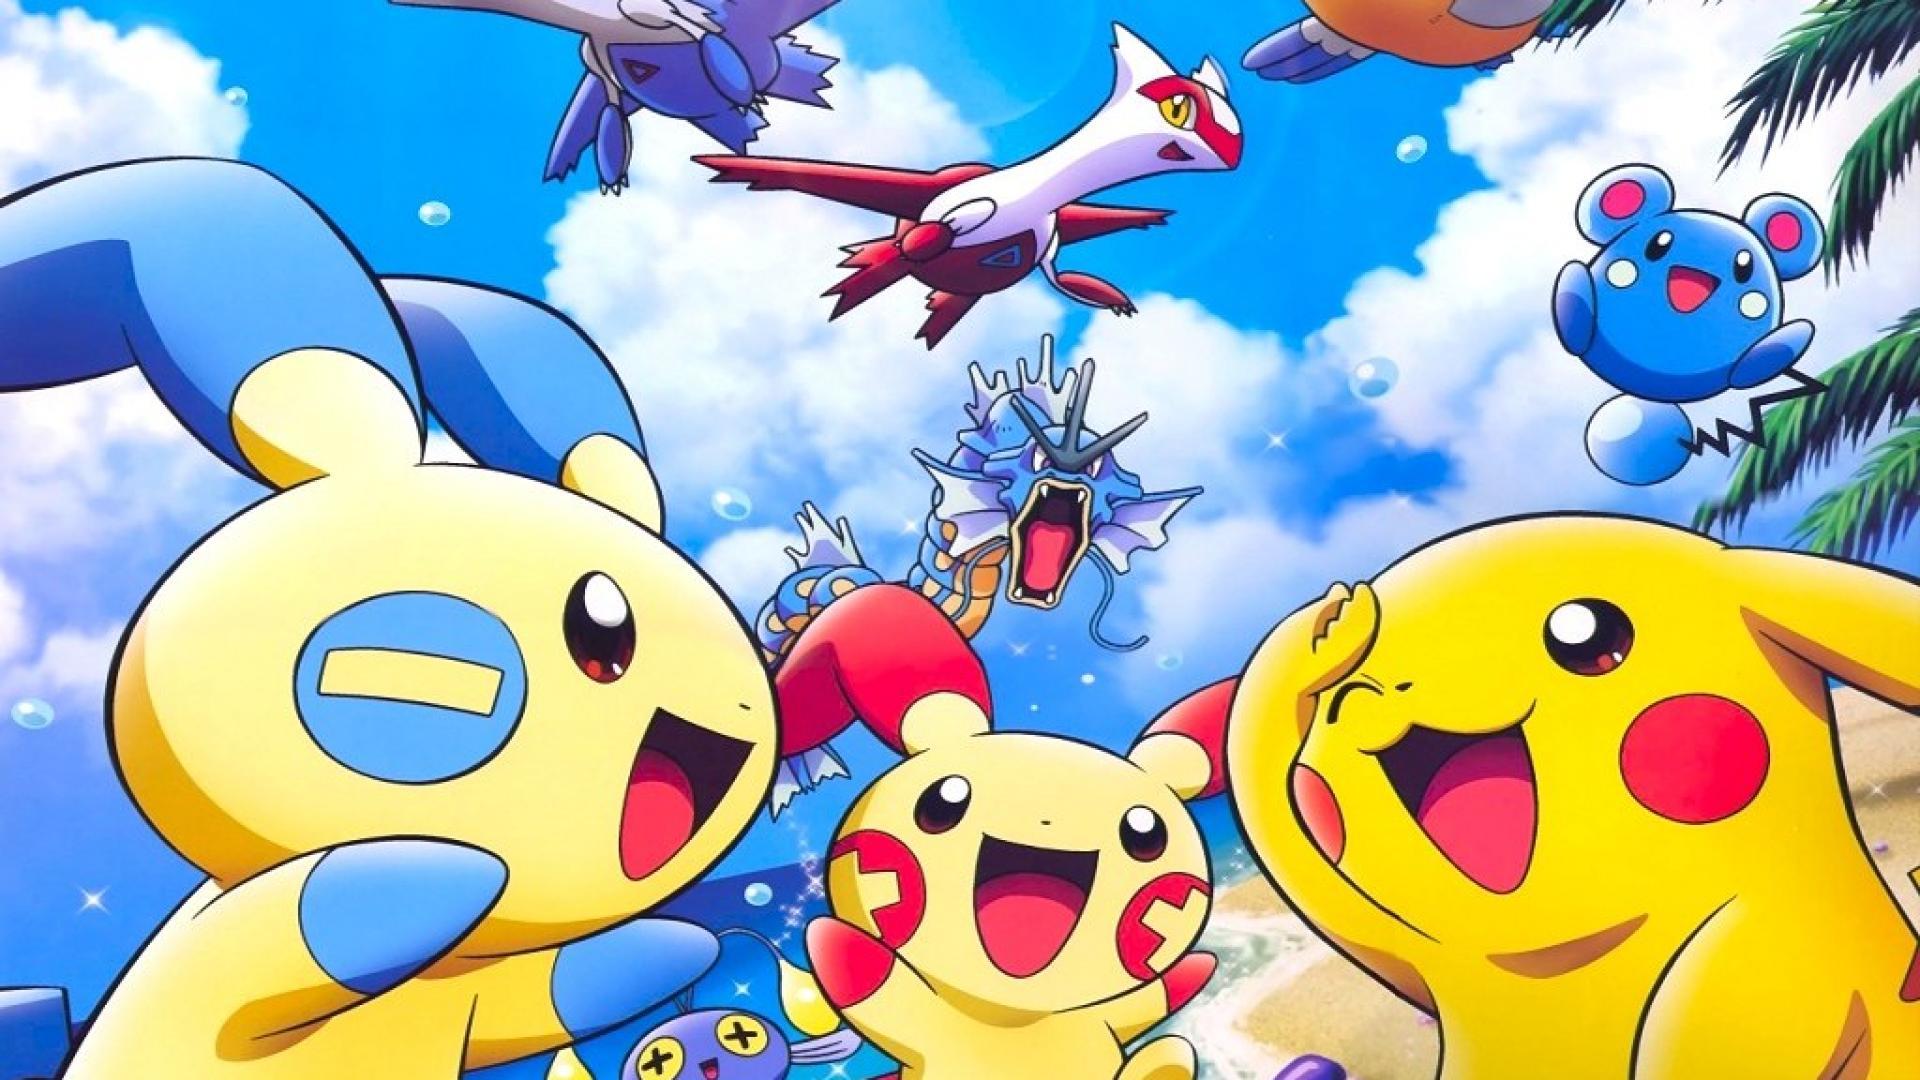 Hình nền pokemon dễ thương